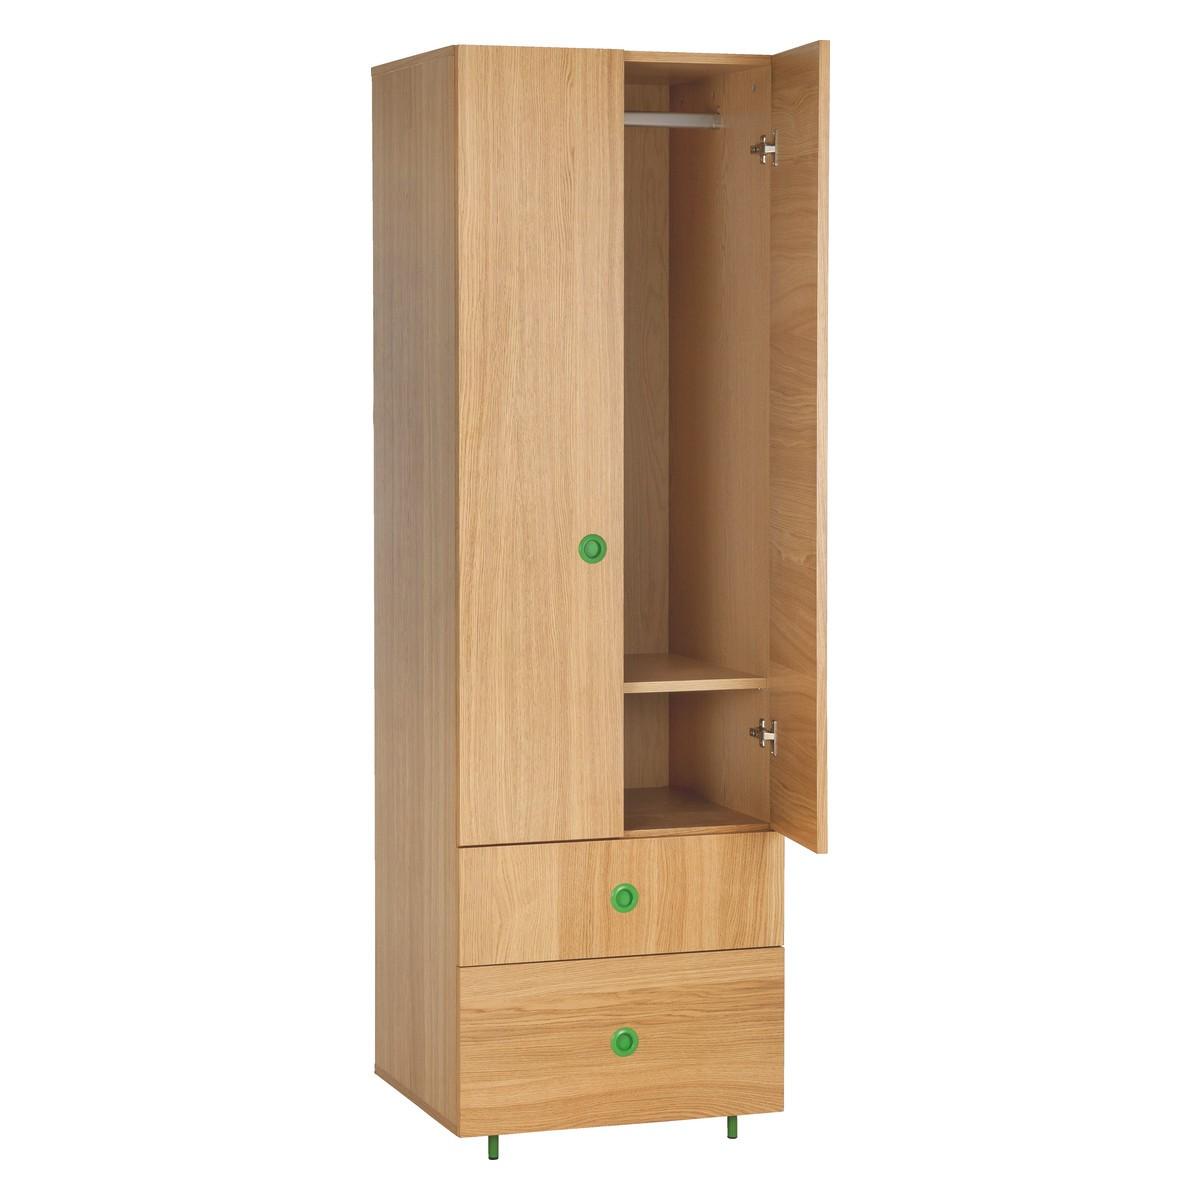 Popular ... POD Kidsu0027 oak double wardrobe with drawers double wardrobe with drawers